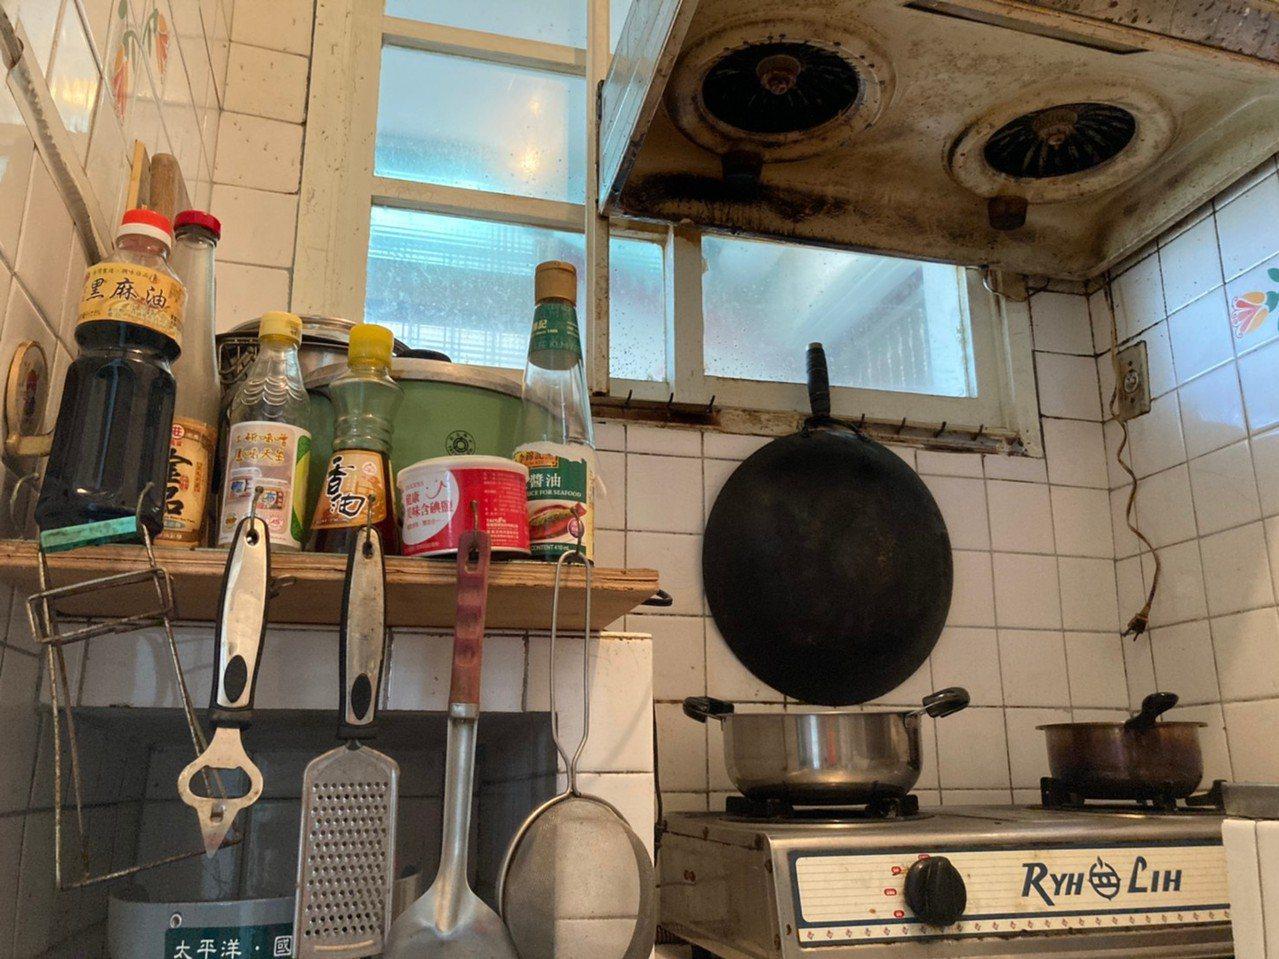 體驗期間只提供一包袖珍包面紙,晚餐可以煮麵配罐頭,早餐則有簡單的餅乾跟八寶粥